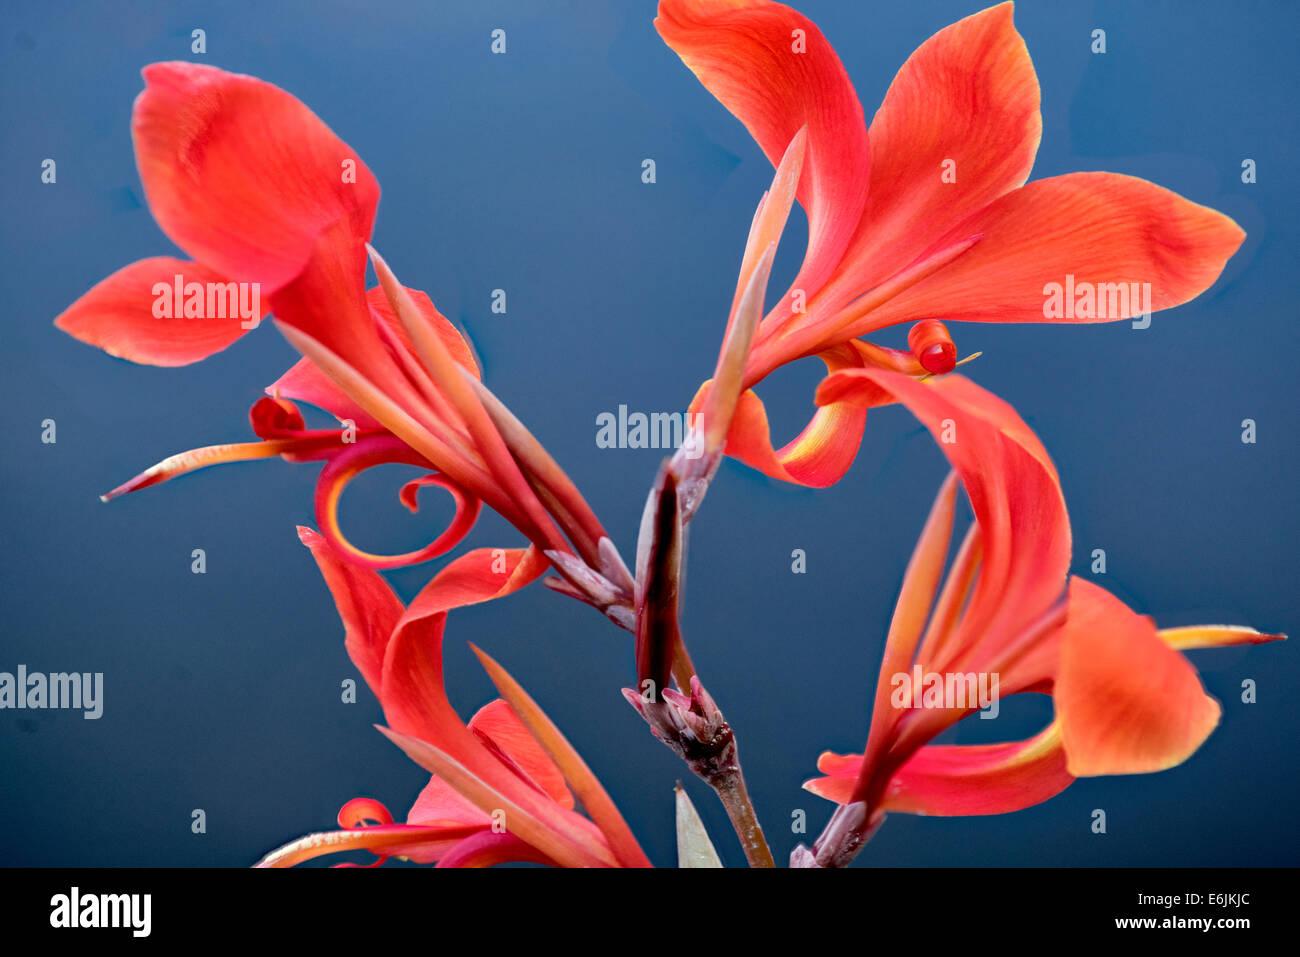 Nahaufnahme von tropischen Blumen. Lanai, Hawaii Stockbild